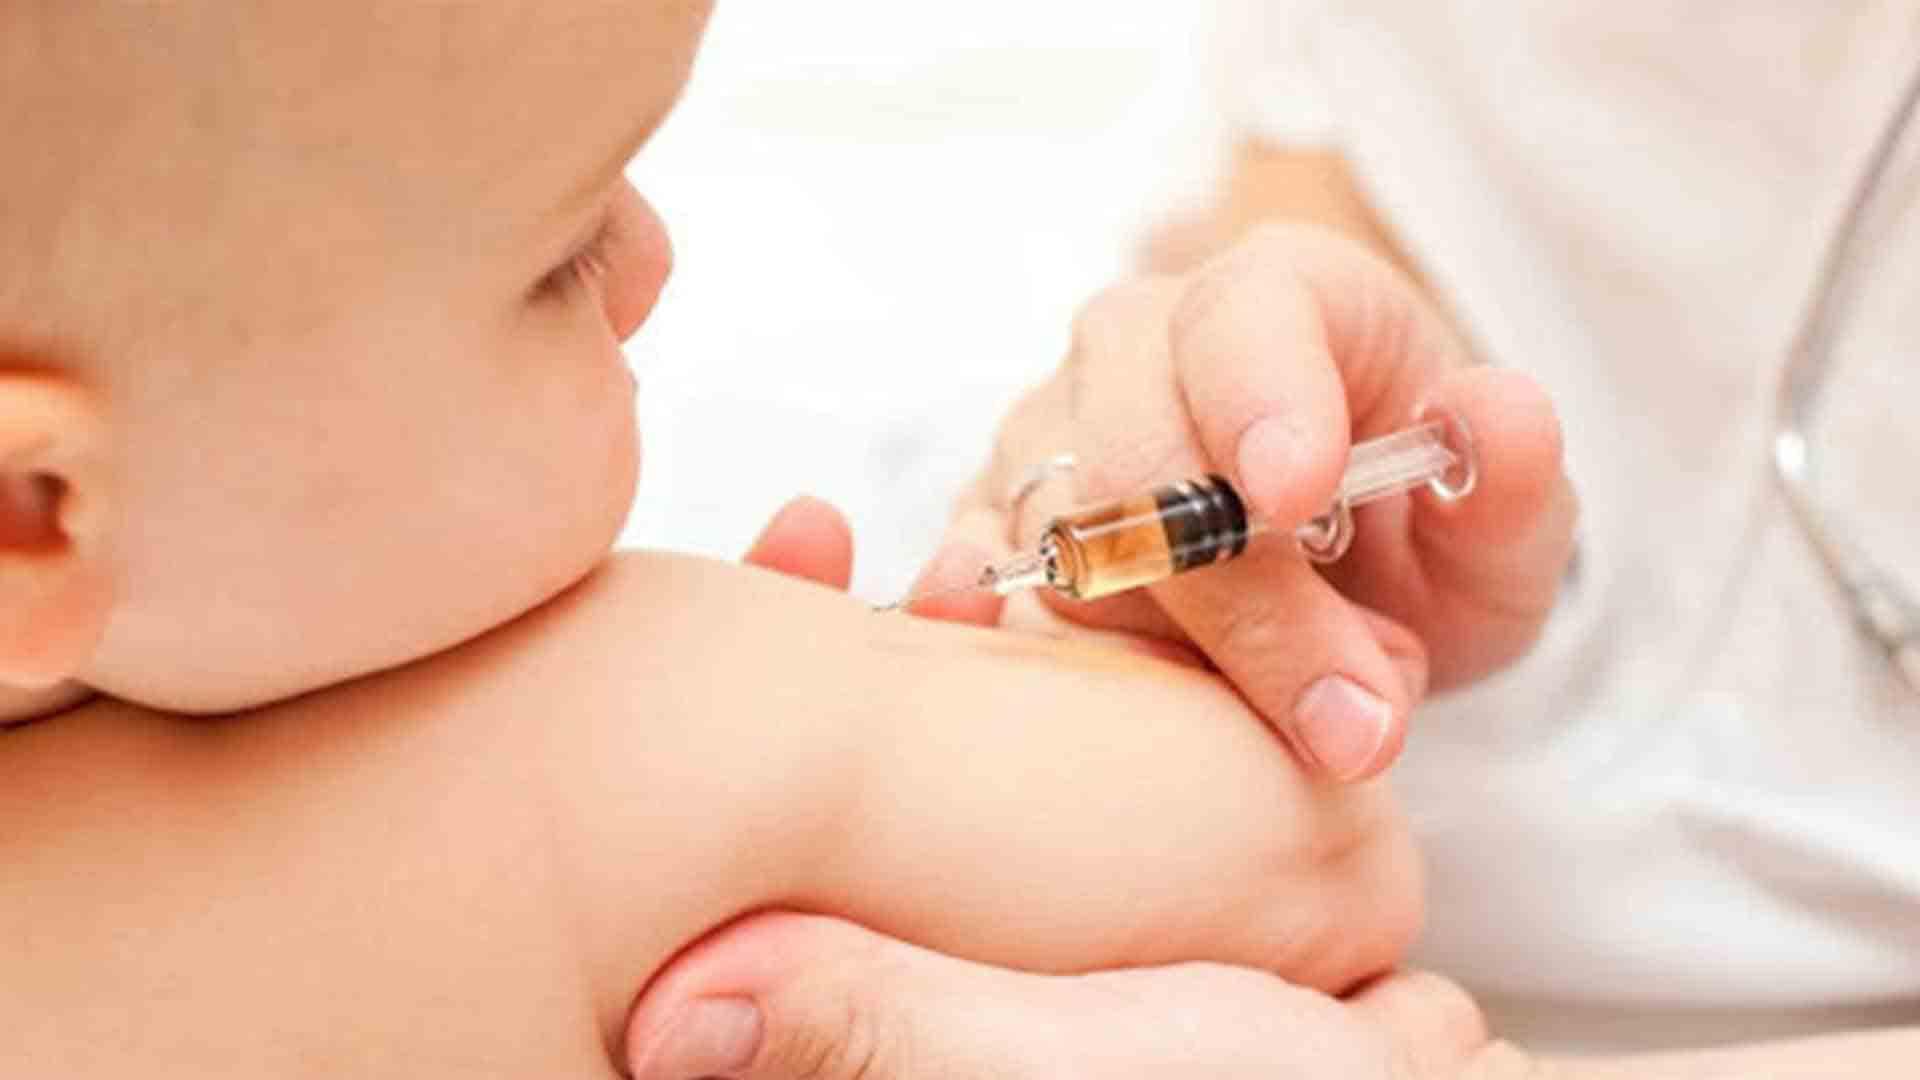 جدول واکسیناسیون کودکان   مرکز خدمات پرستاری پارسیان مهرپرور